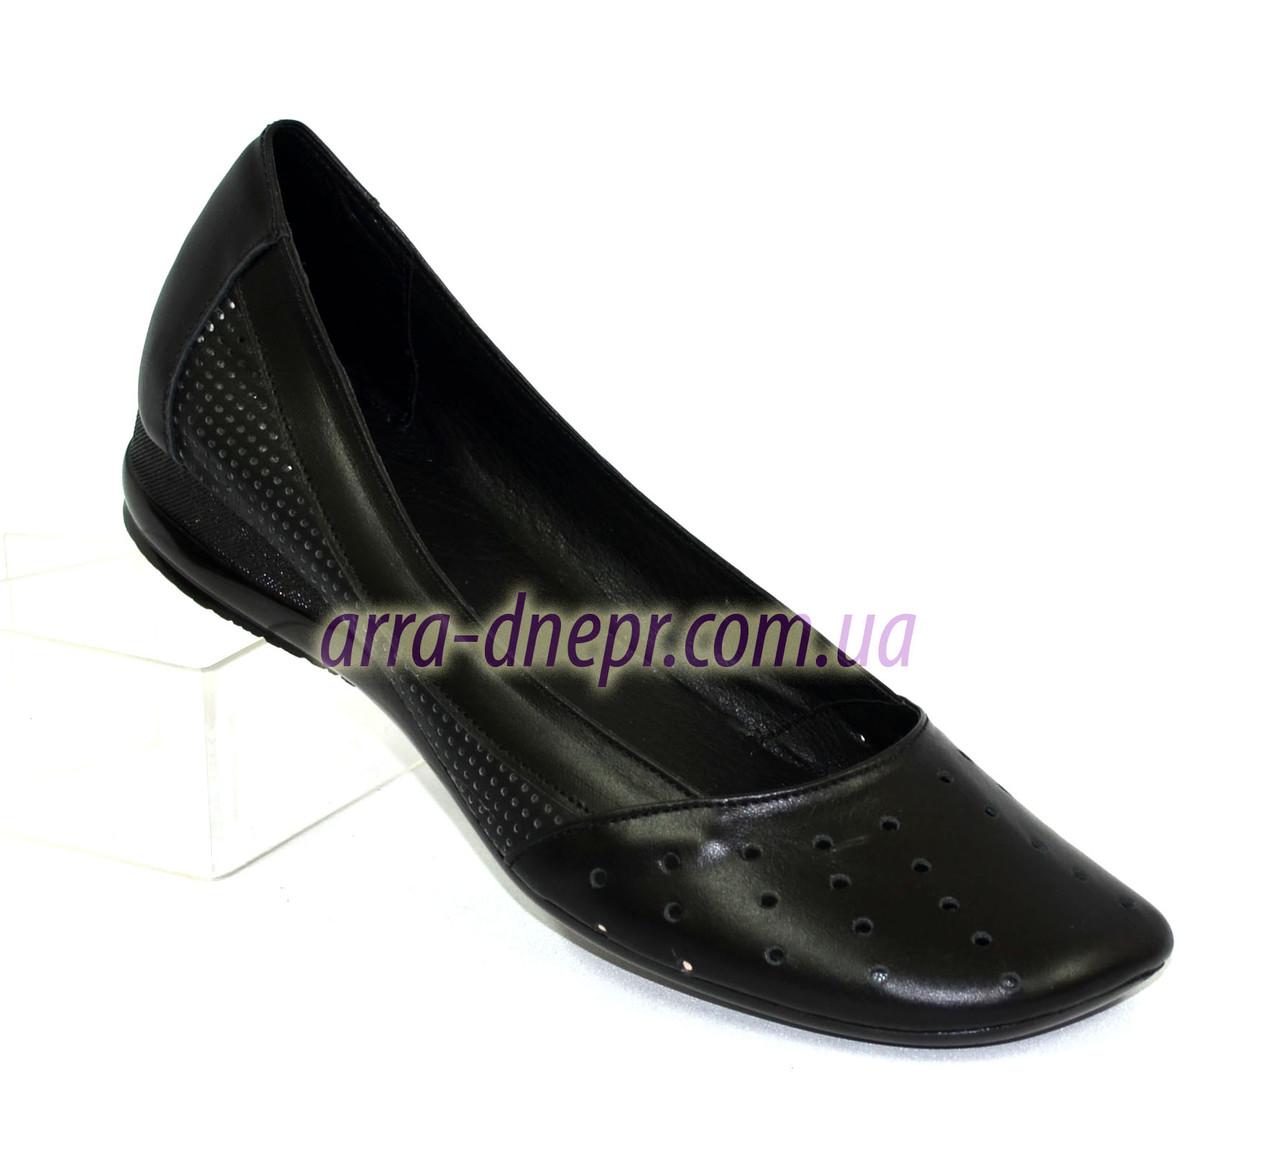 Балетки кожаные черные женские на низкой подошве